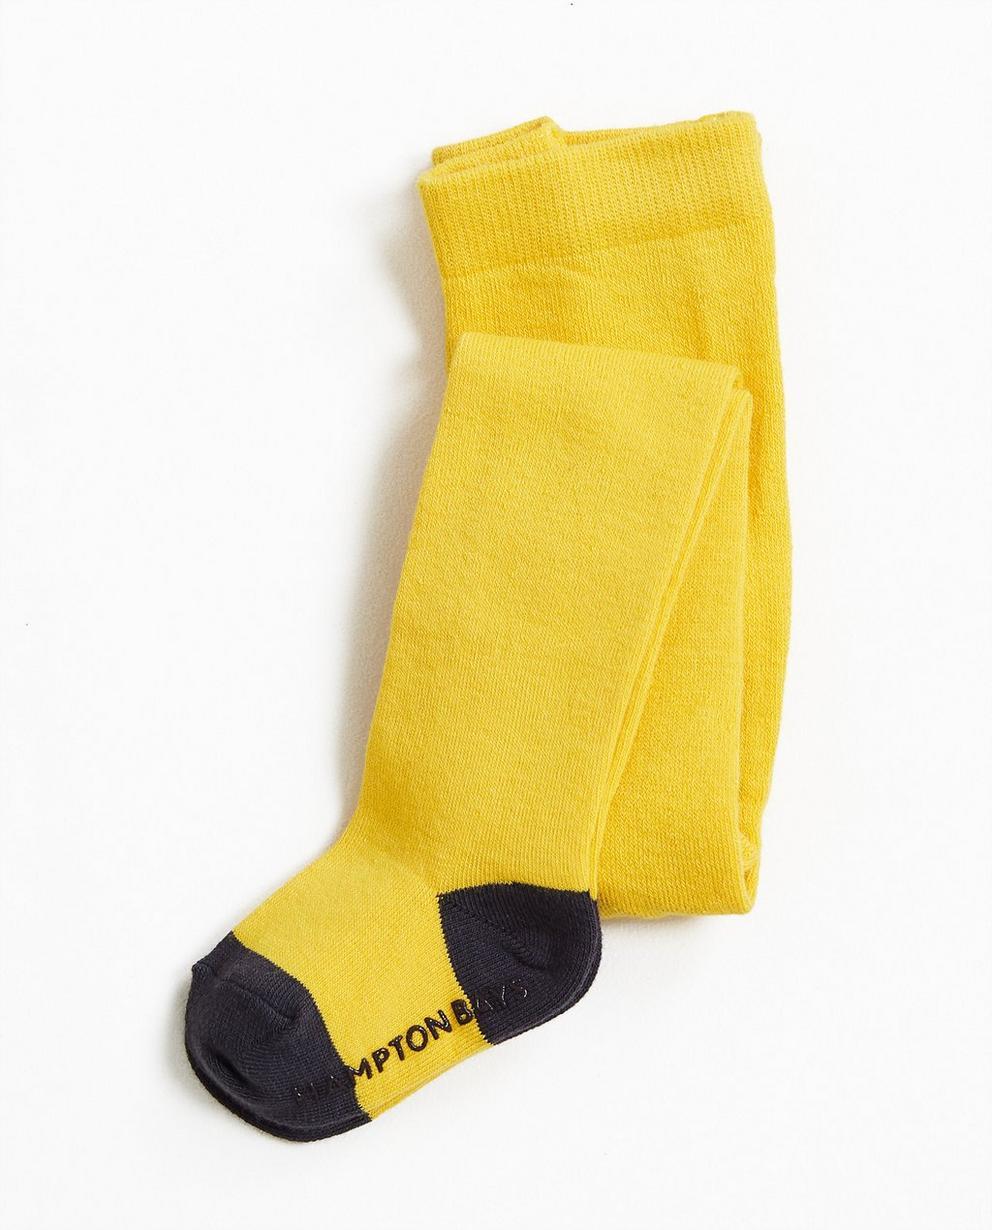 Gele kousenbroek - Hampton Bays - Hampton Bays